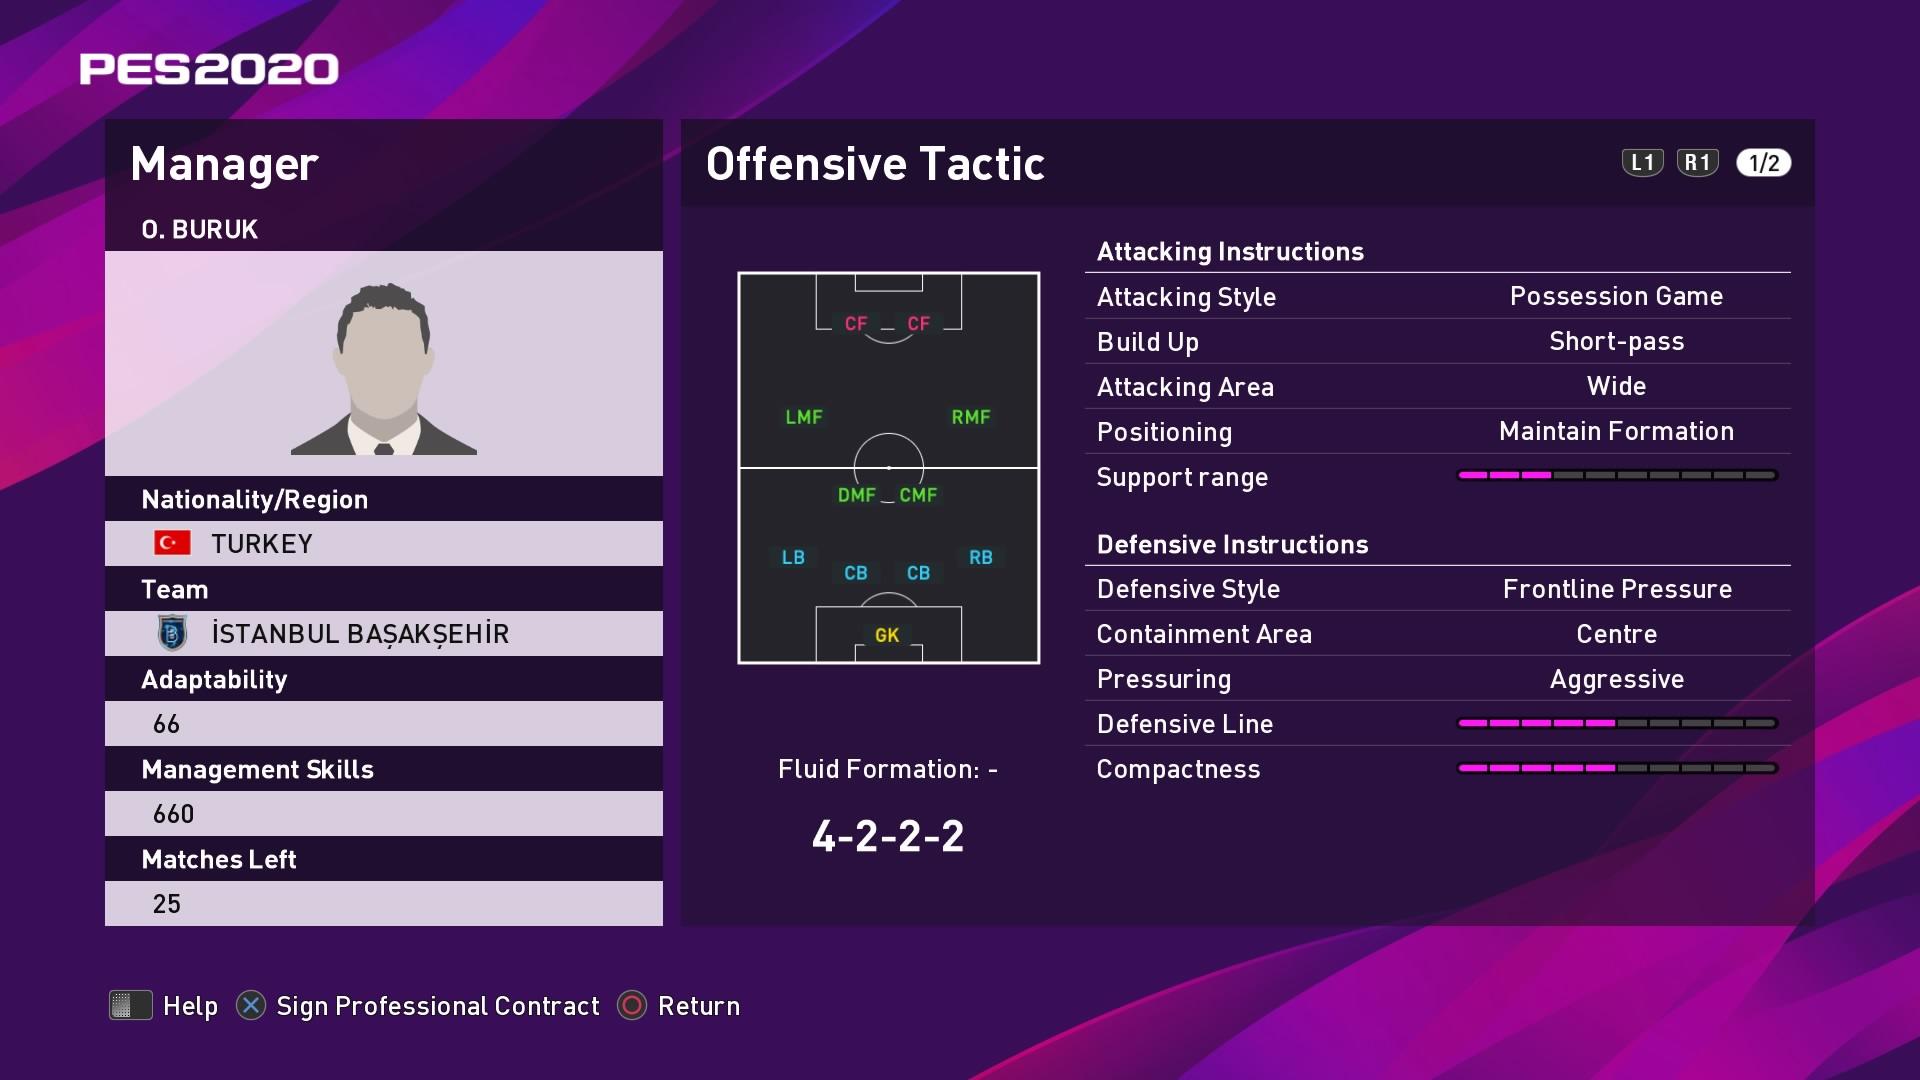 O. Buruk (Okan Buruk) Offensive Tactic in PES 2020 myClub